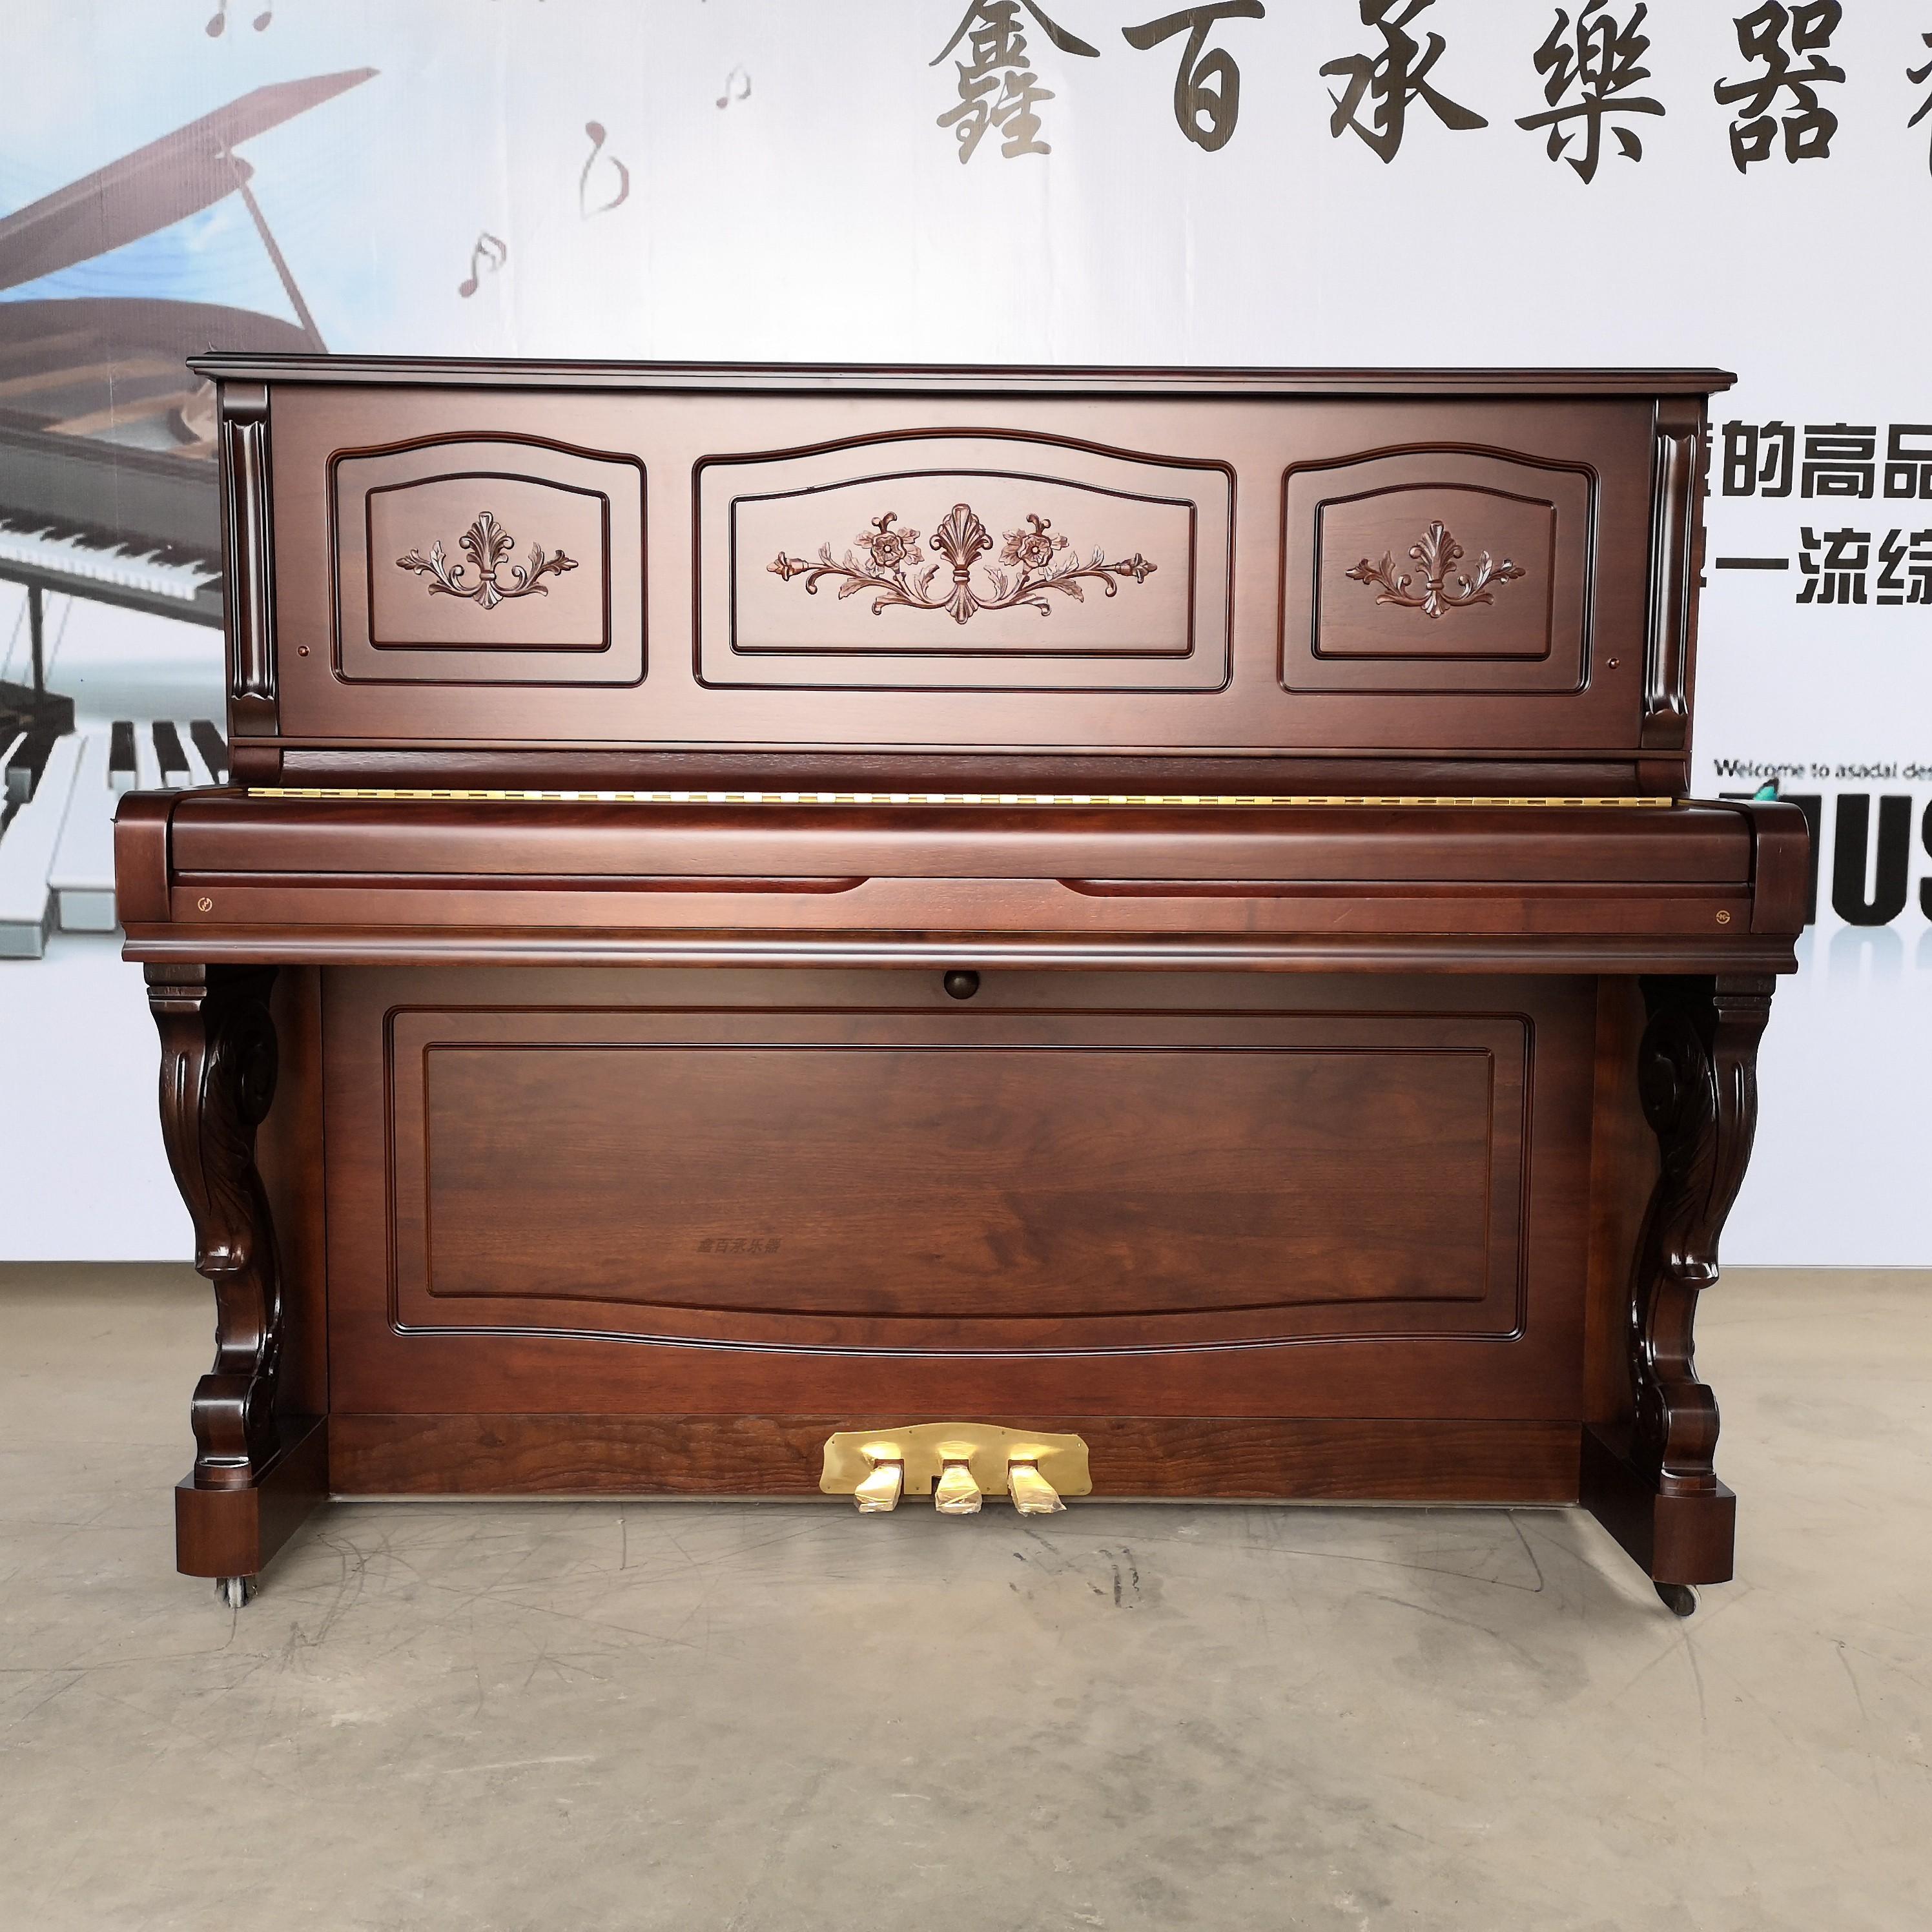 家用立式初学练习专业考级包邮 121 成新英昌三益 9 韩国进口二手钢琴